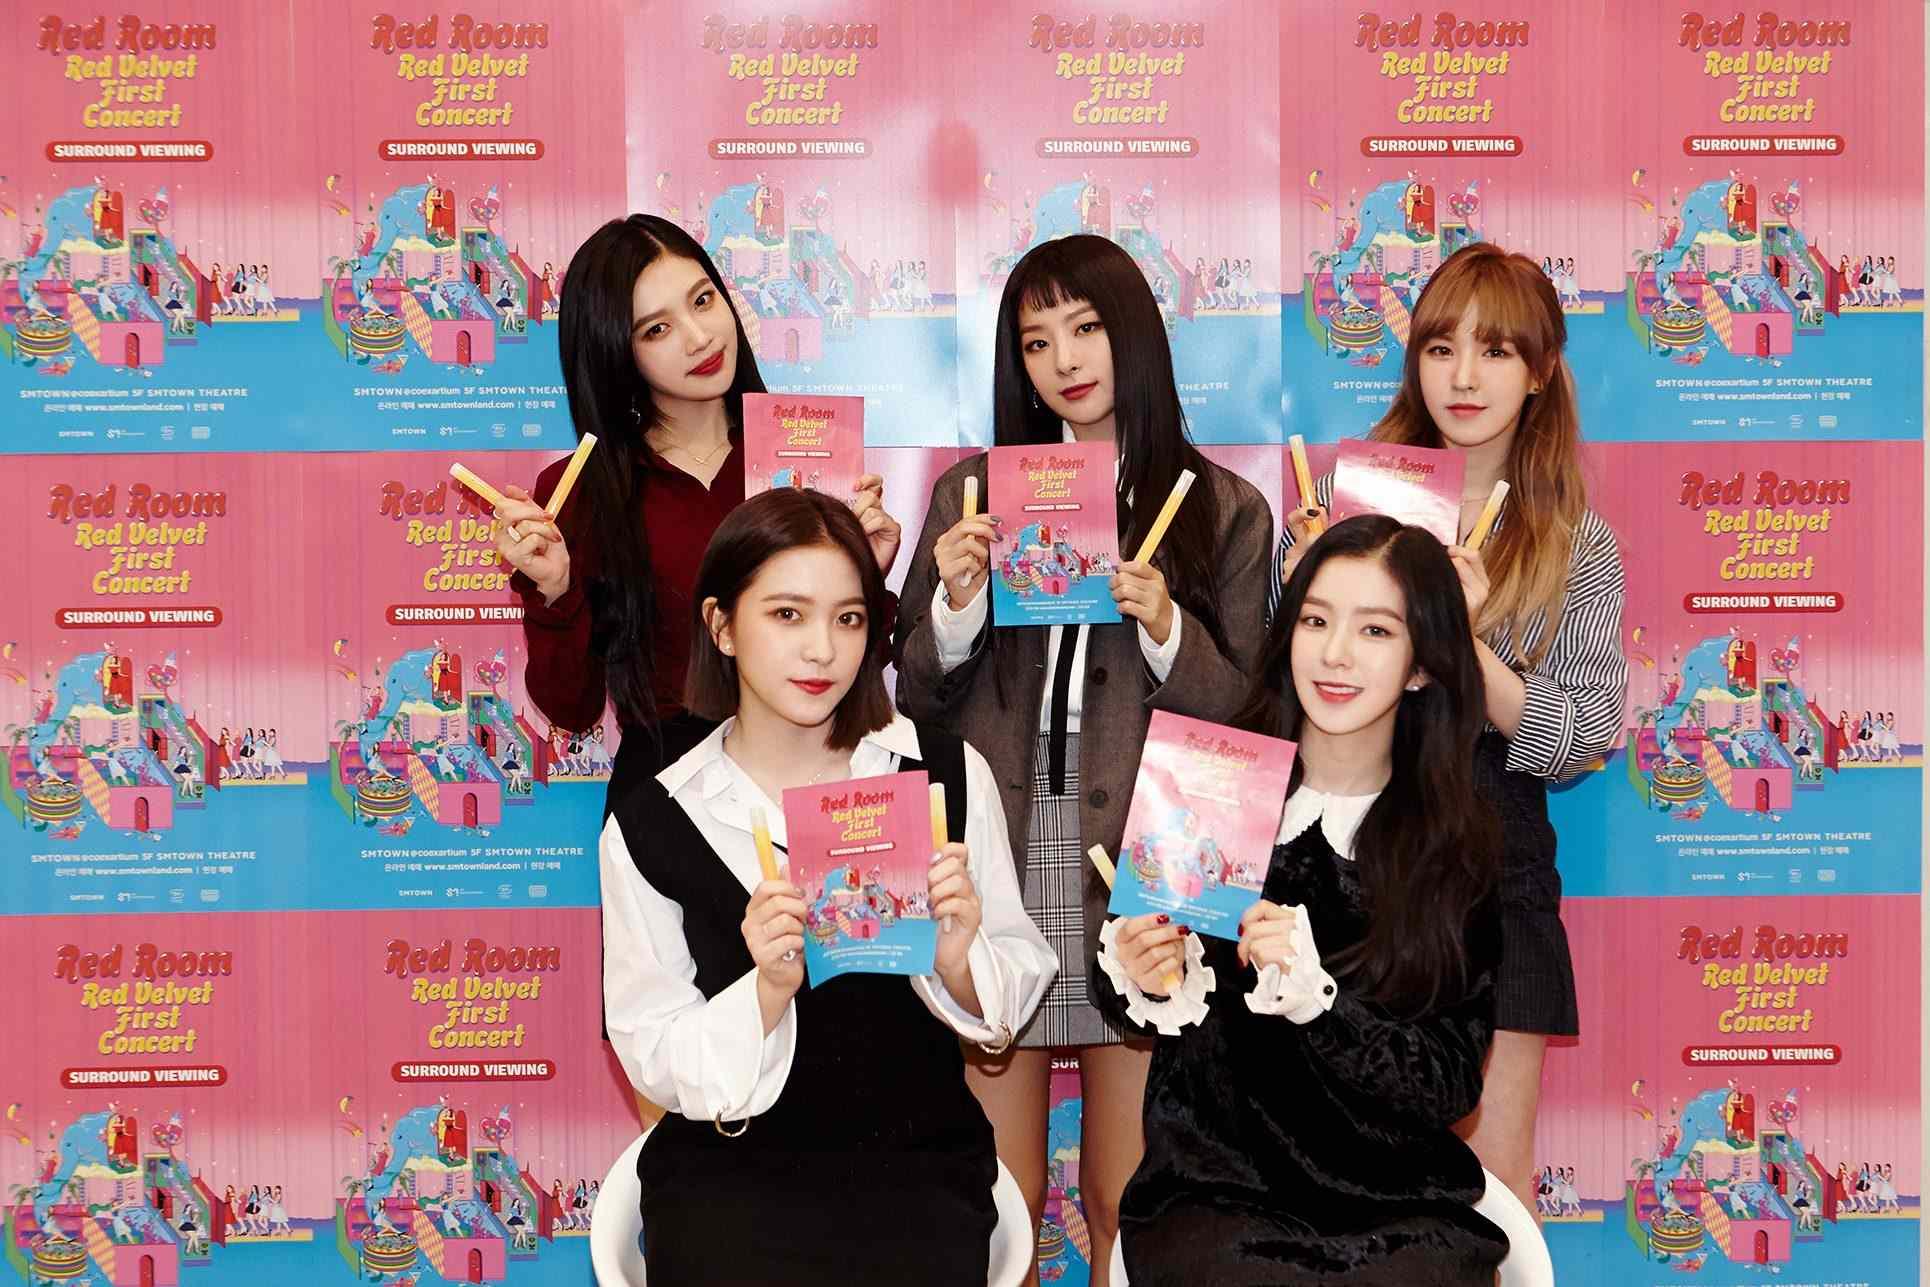 雖然很不好意思Red Velvet出訪北韓的消息,洗版大家這麼多天…但即使貝貝今天已經人在杜拜了,她們出訪北韓的花絮仍然是韓國網友關心的消息!